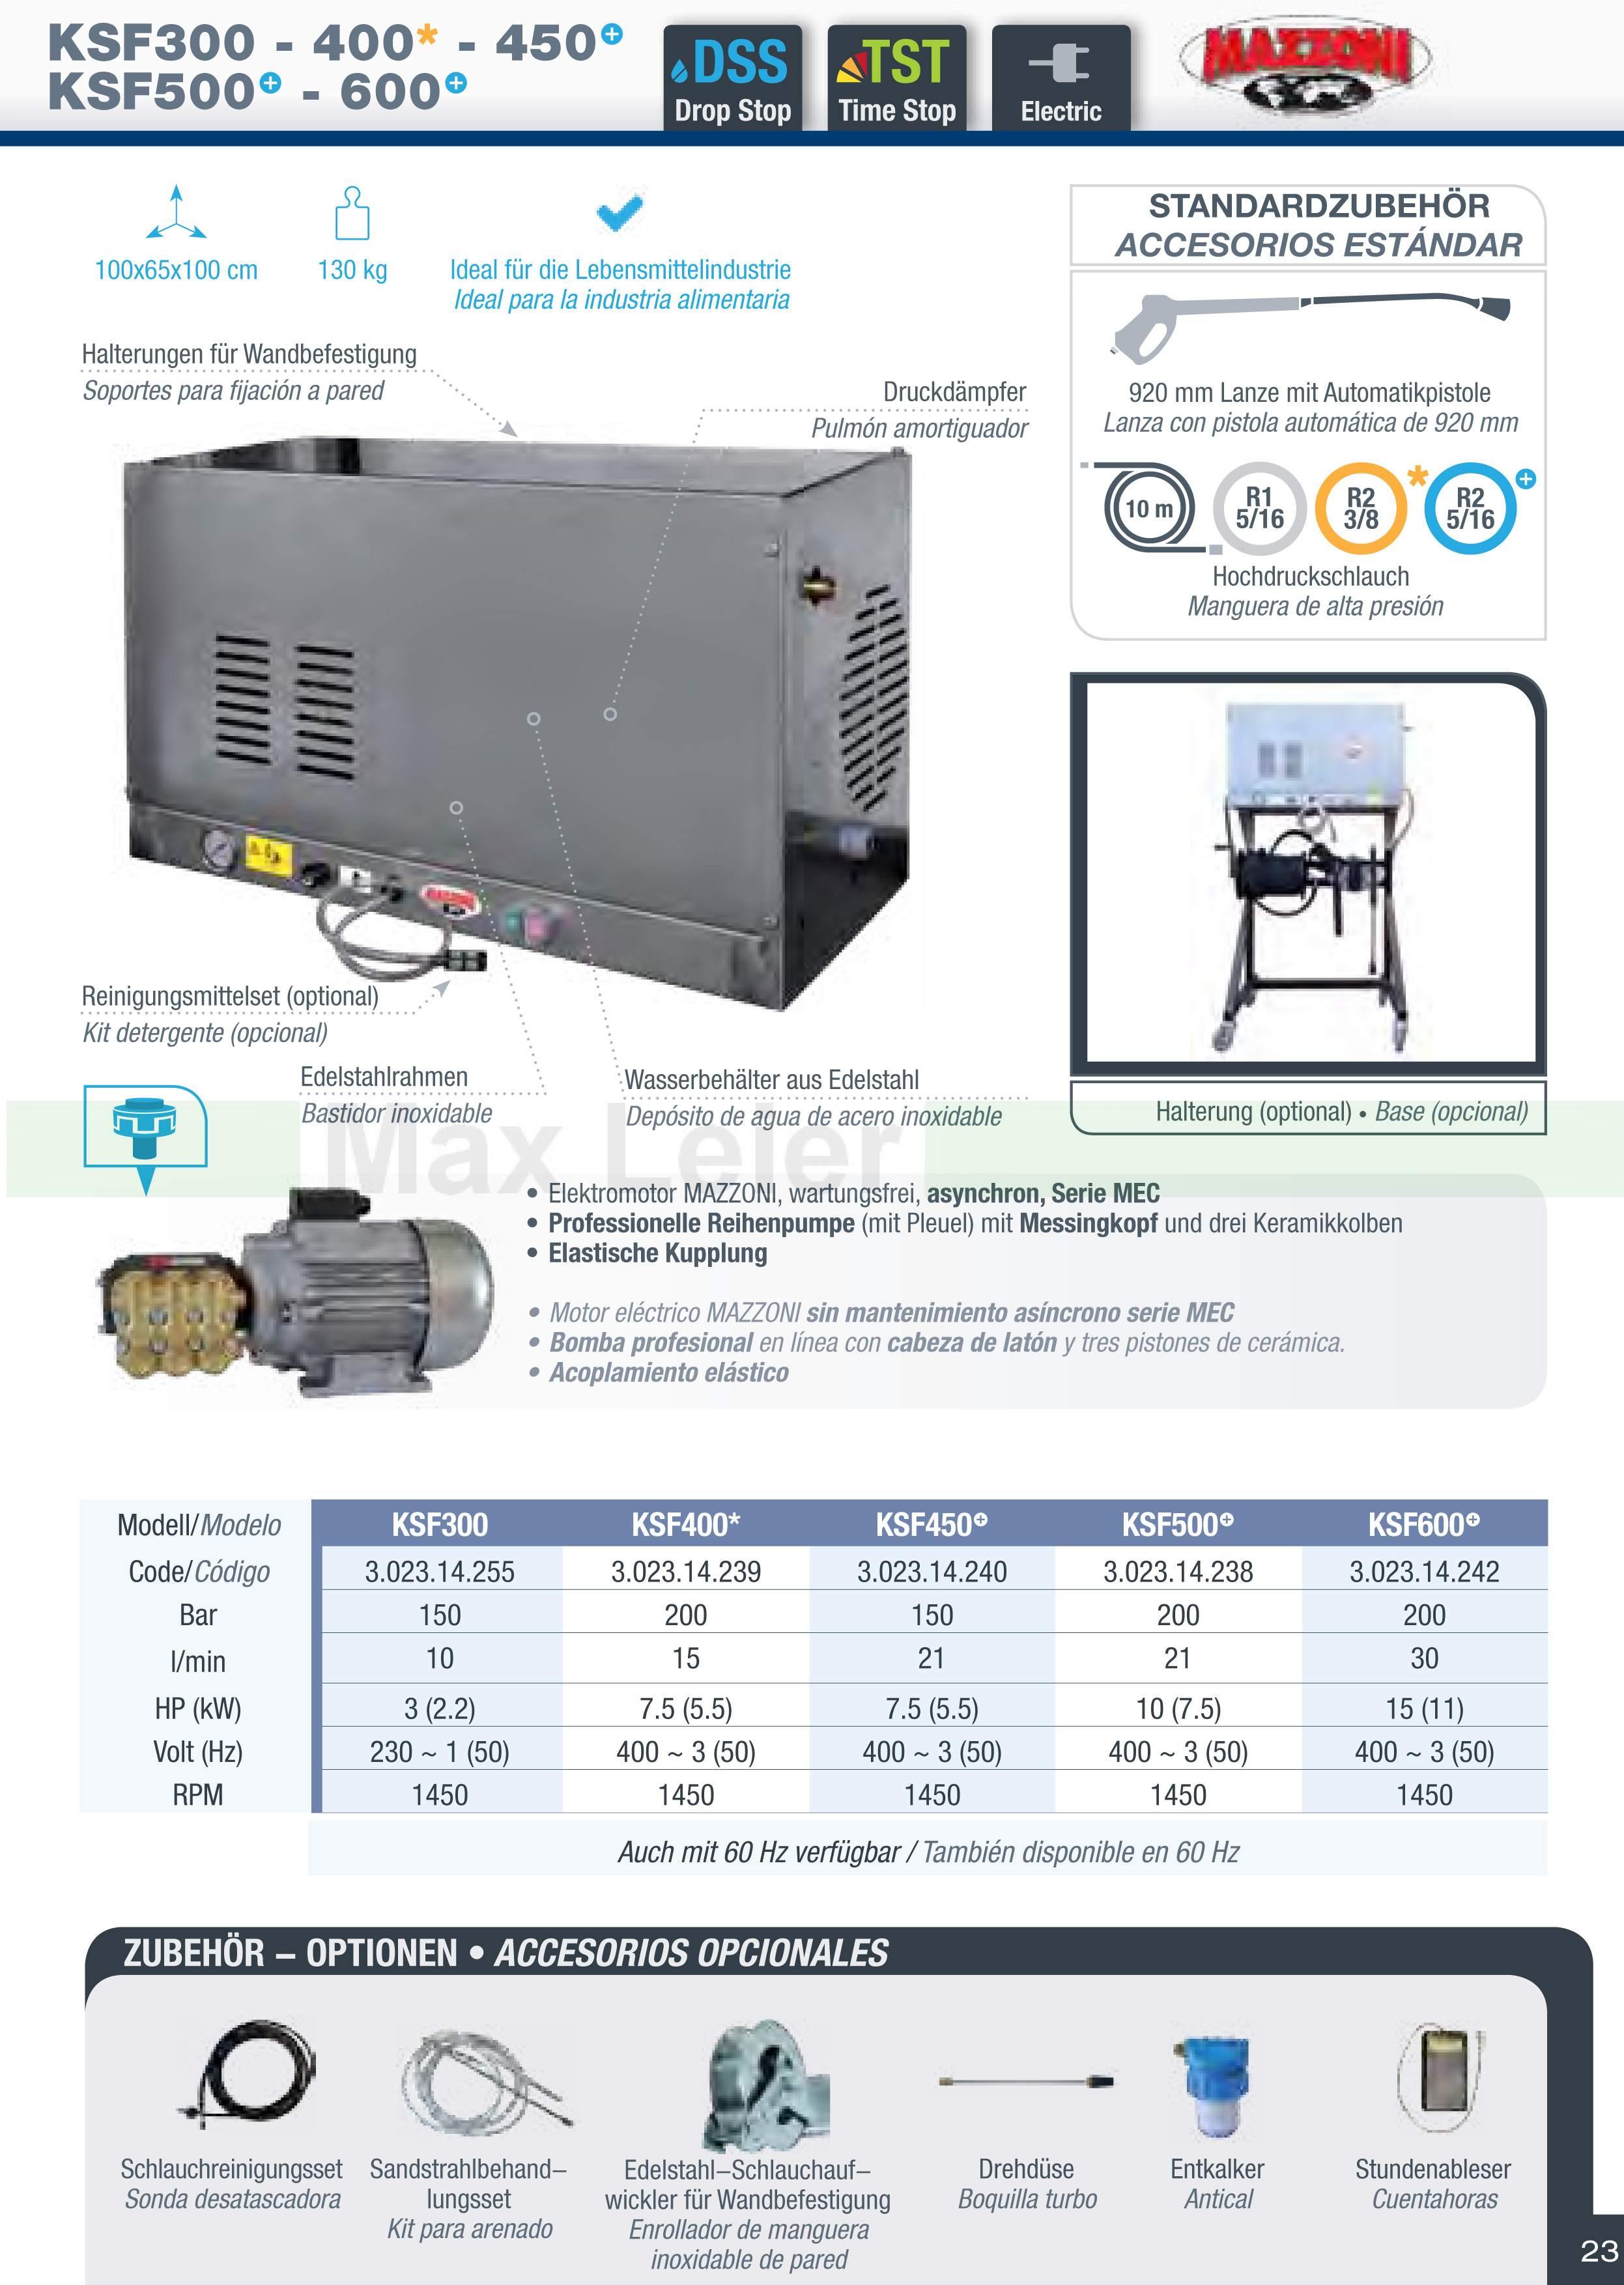 S23-KSF300-400-450-500-600